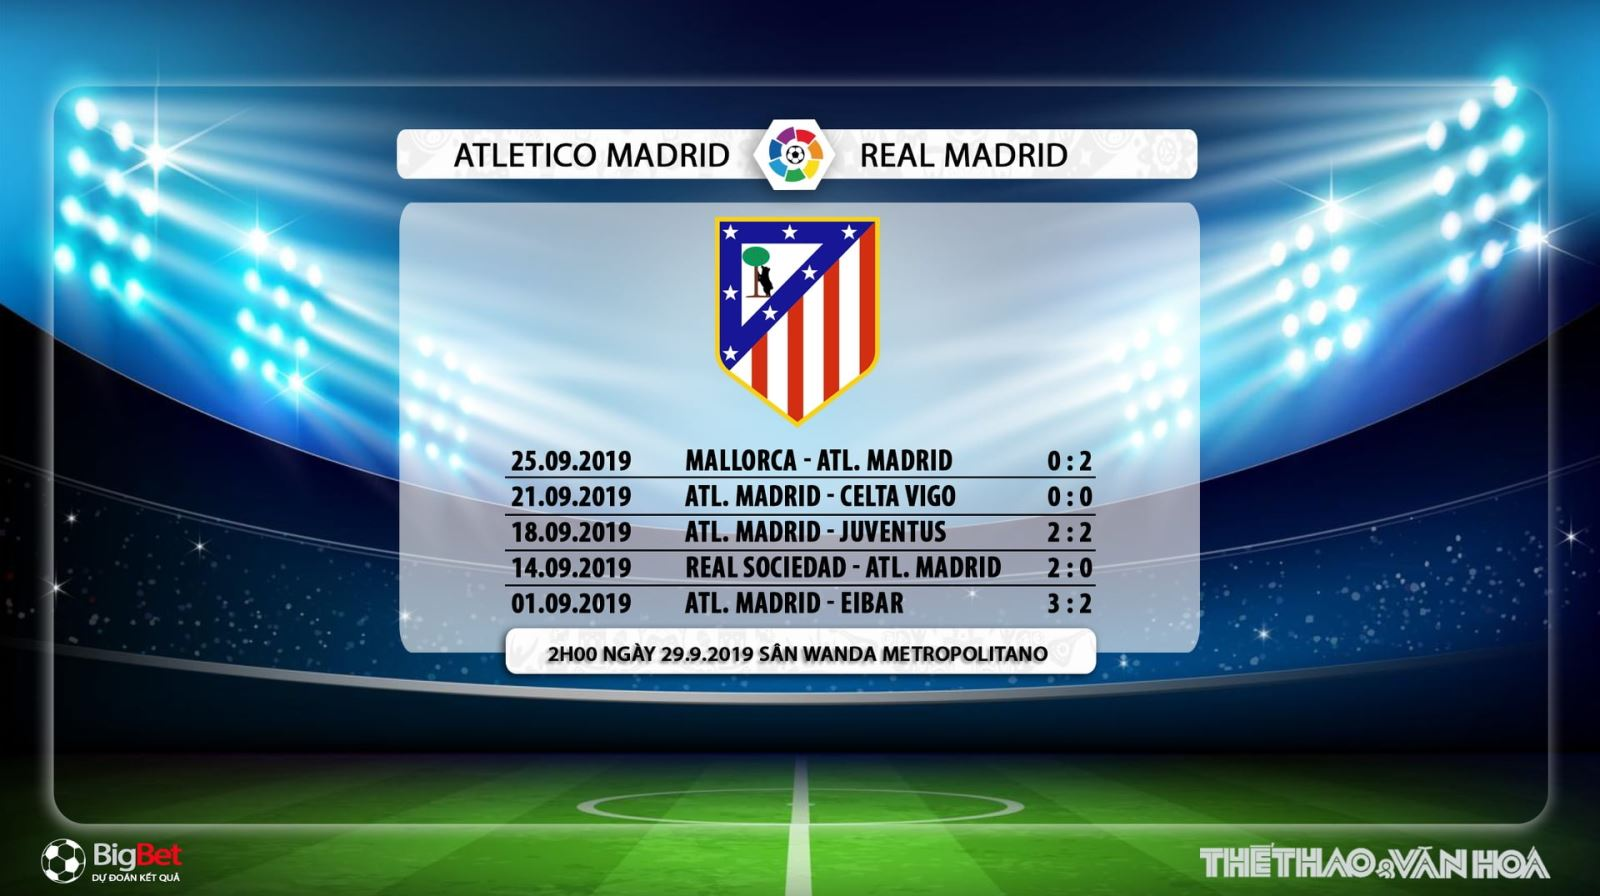 soi kèo bóng đá, Atletico Madrid đấu với Real Madrid, truc tiep bong da hôm nay, Atletico Madrid vs Real Madrid, trực tiếp bóng đá, Atletico Madrid Real Madrid, xem bóng đá trực tuyến, bong da tv